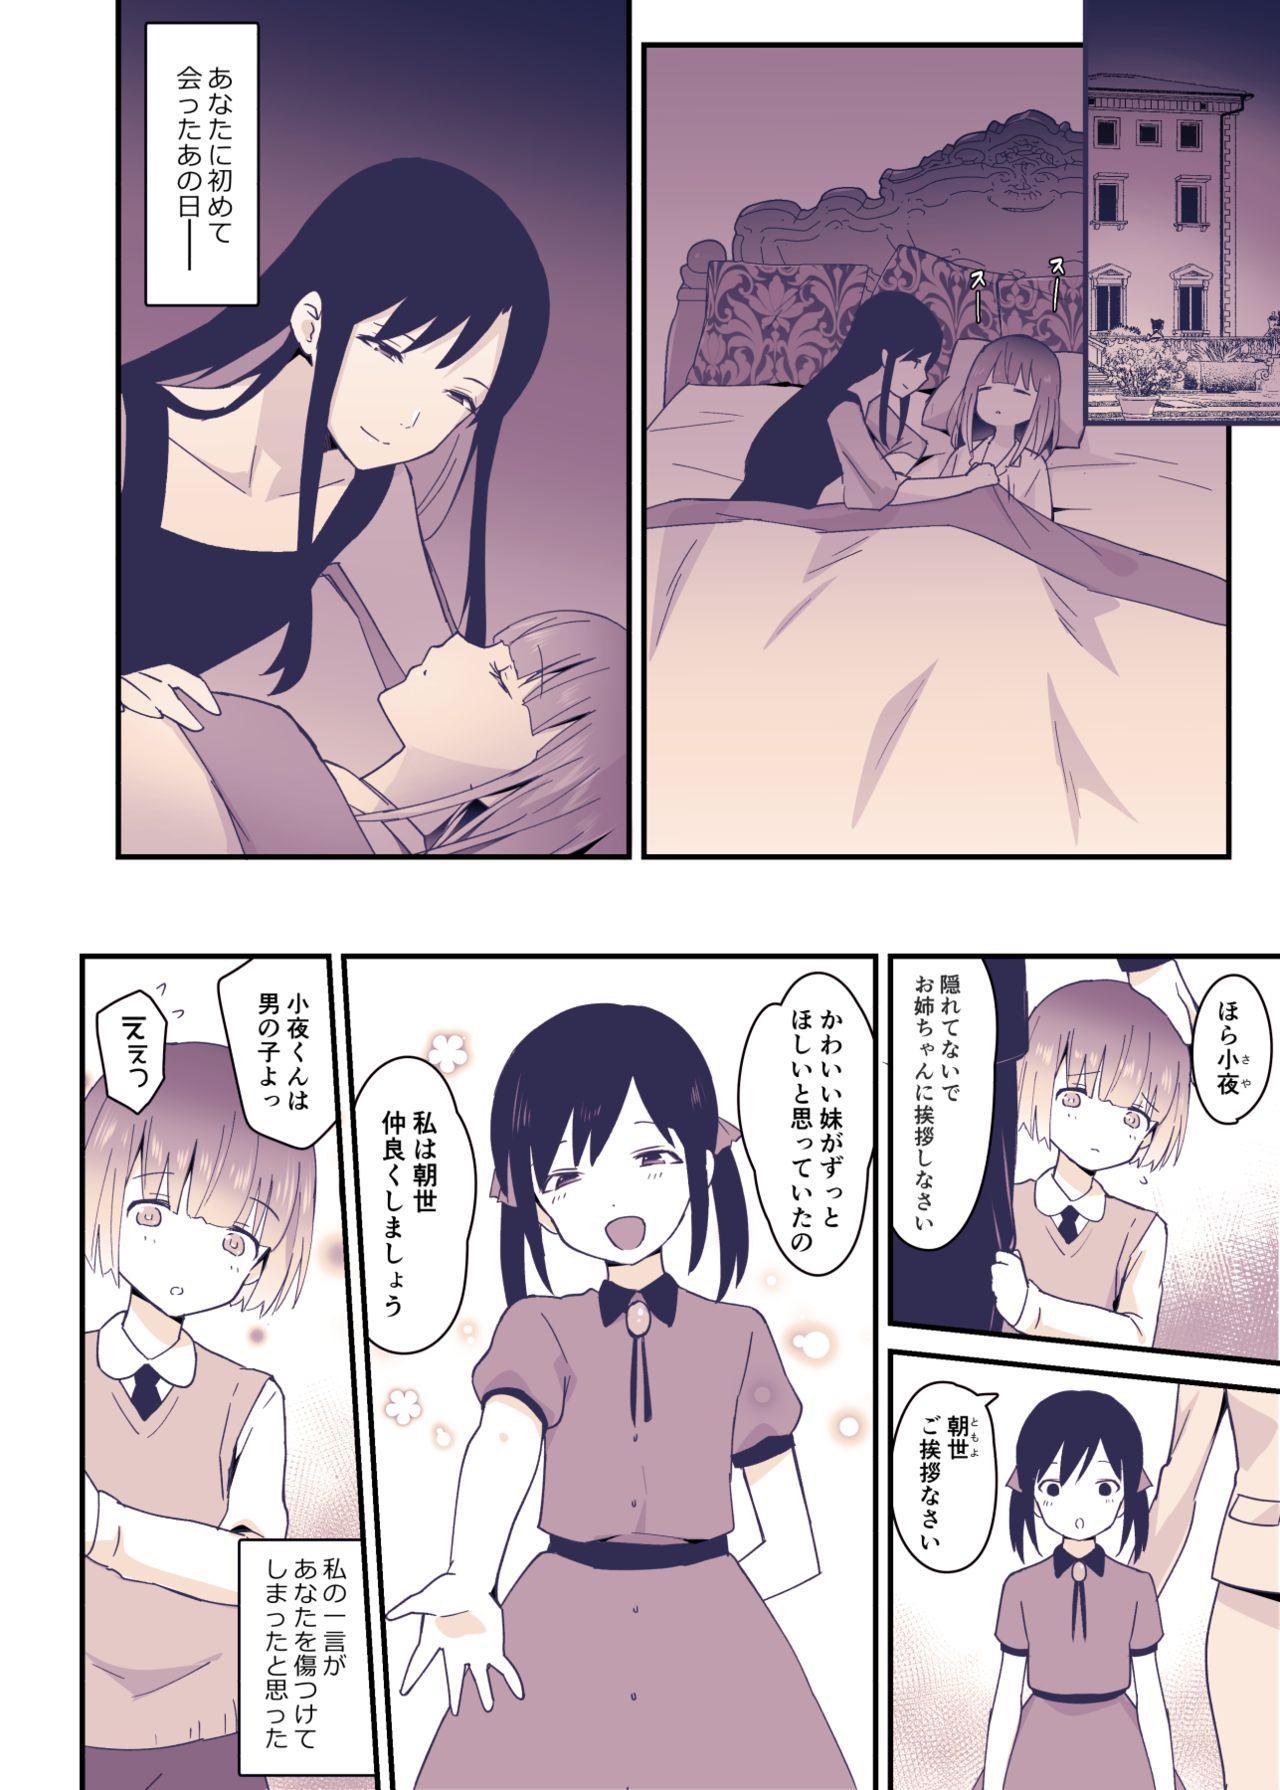 Boku wa Onee-chan no Imouto. 32